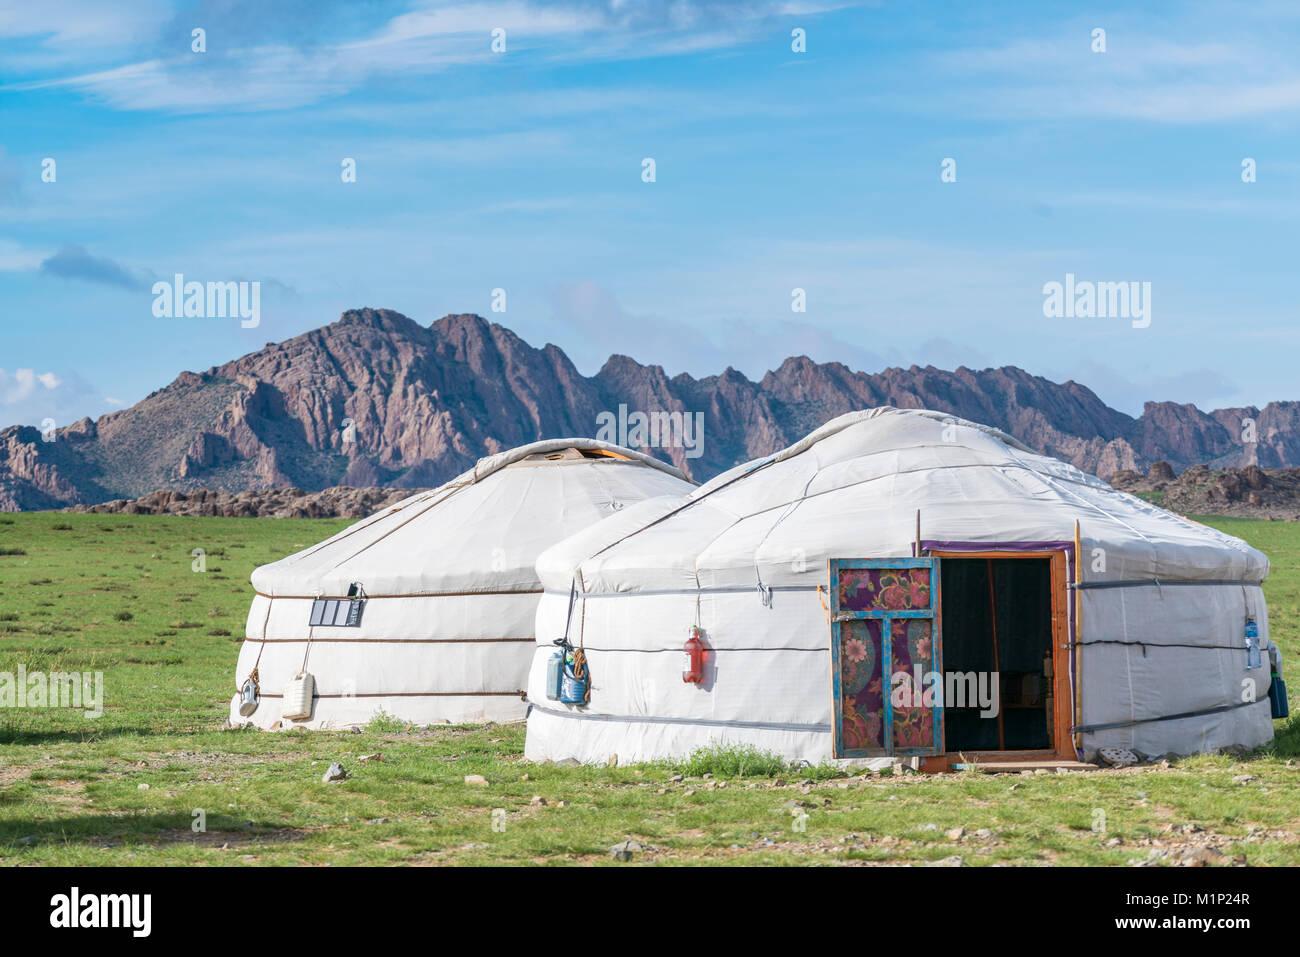 Gers Mongoles y montañas en el fondo, Medio provincia de Gobi, Mongolia, Asia Central, África Imagen De Stock